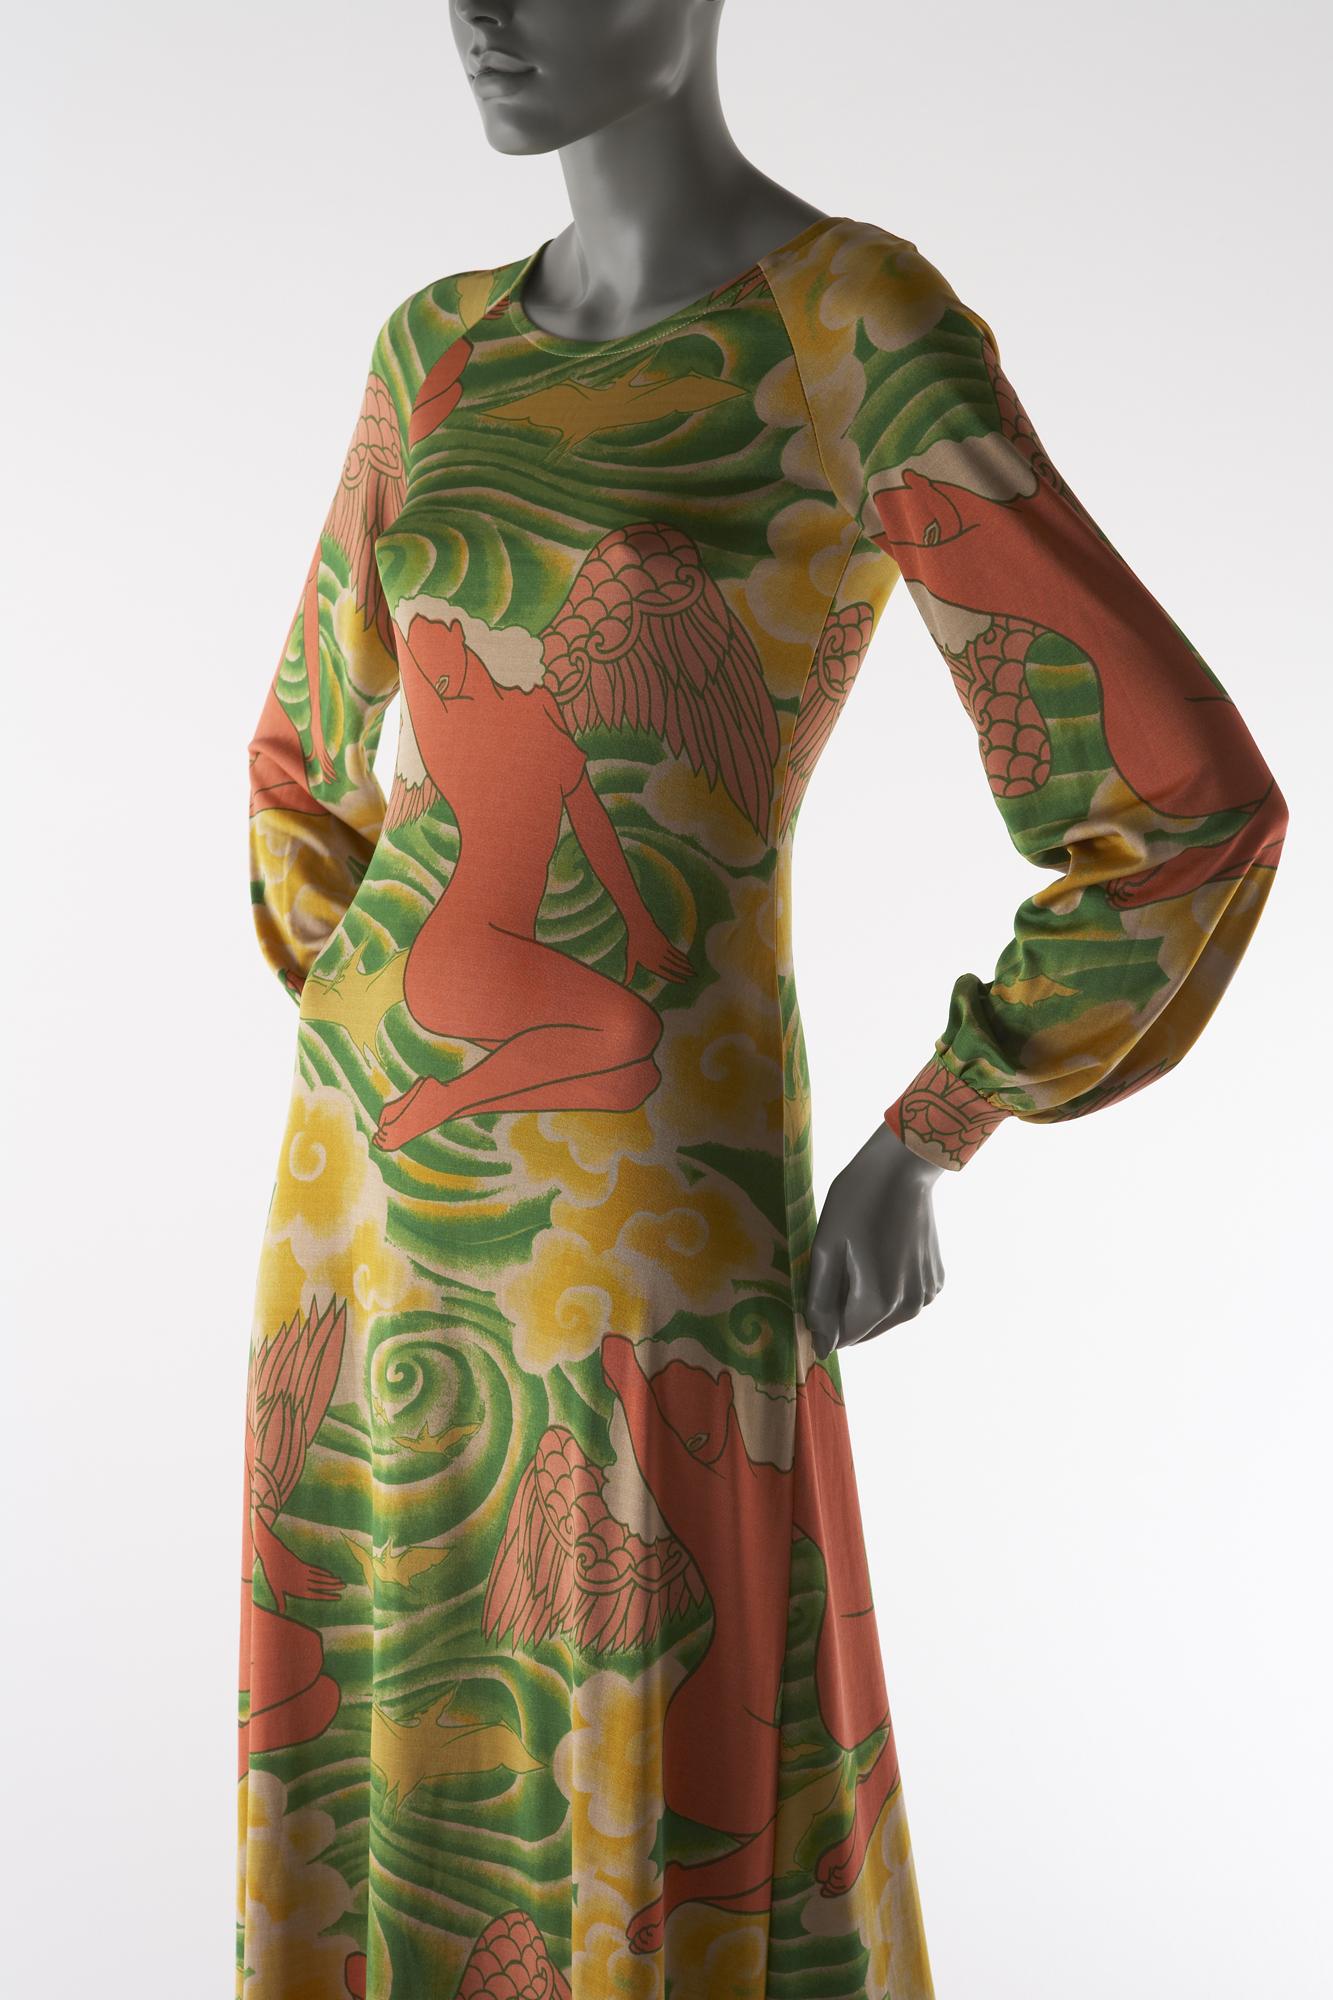 ドレス「ニューヨーク」